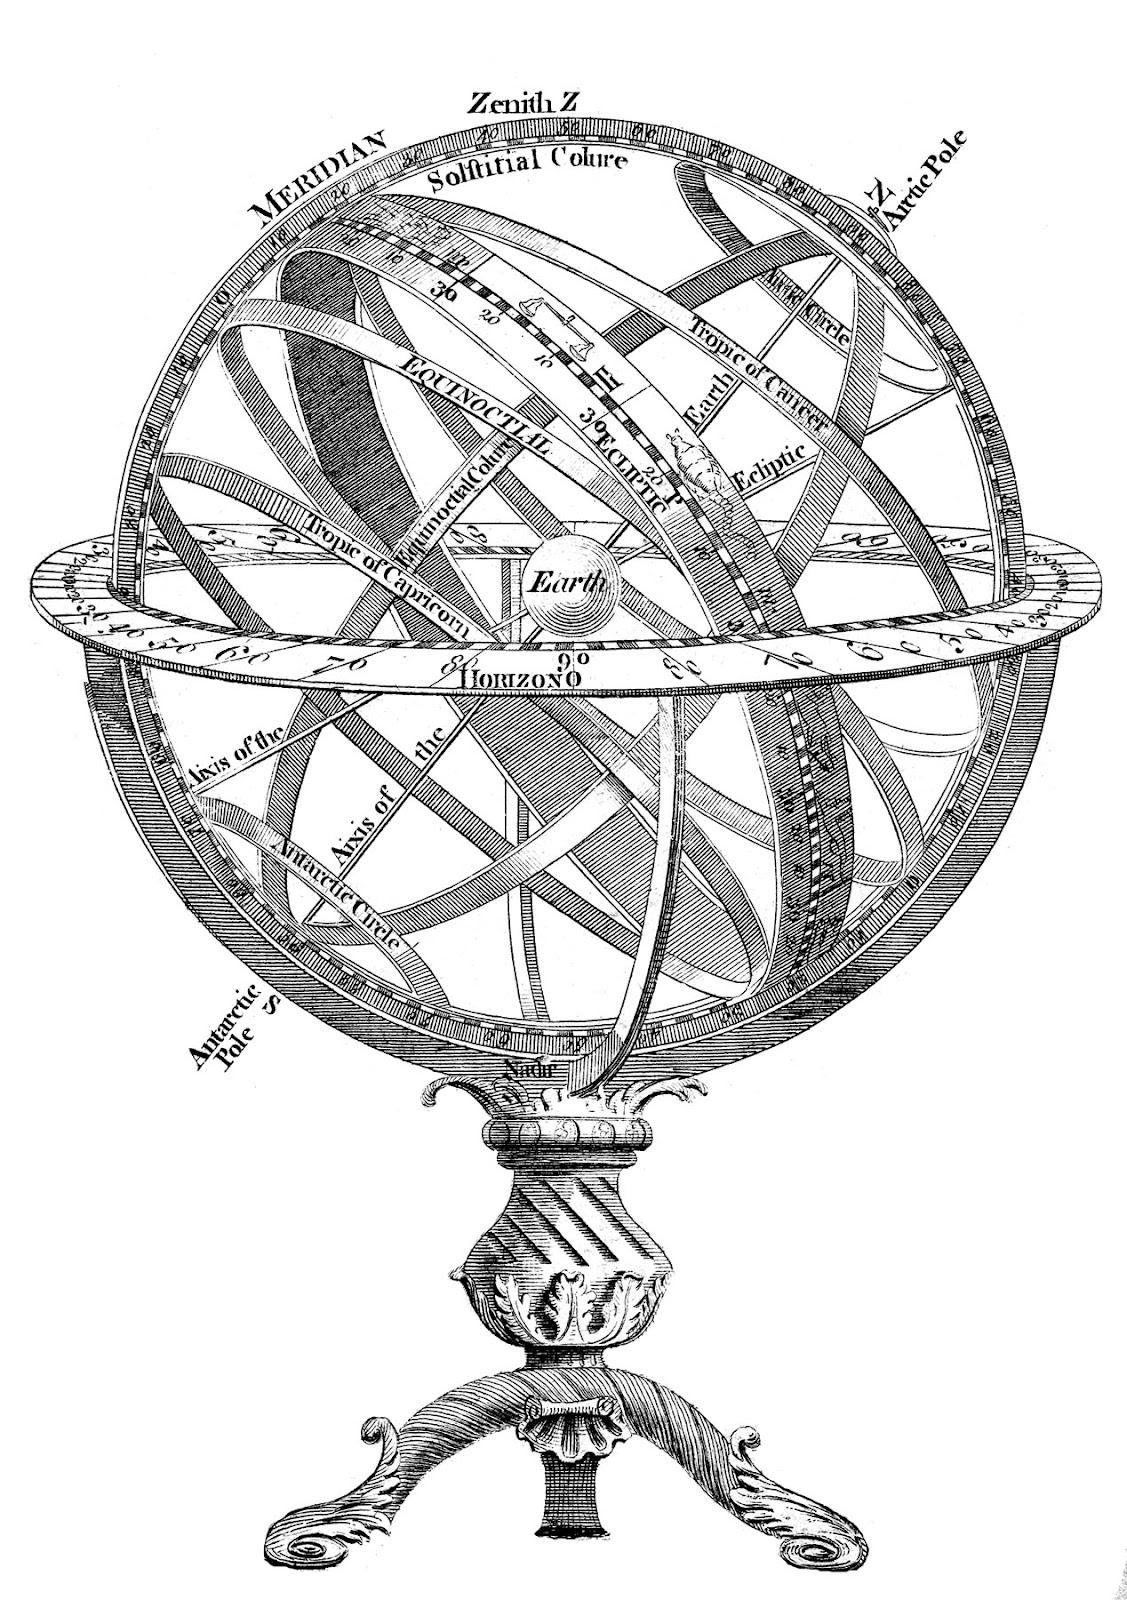 Vintage Armillary Sphere Image